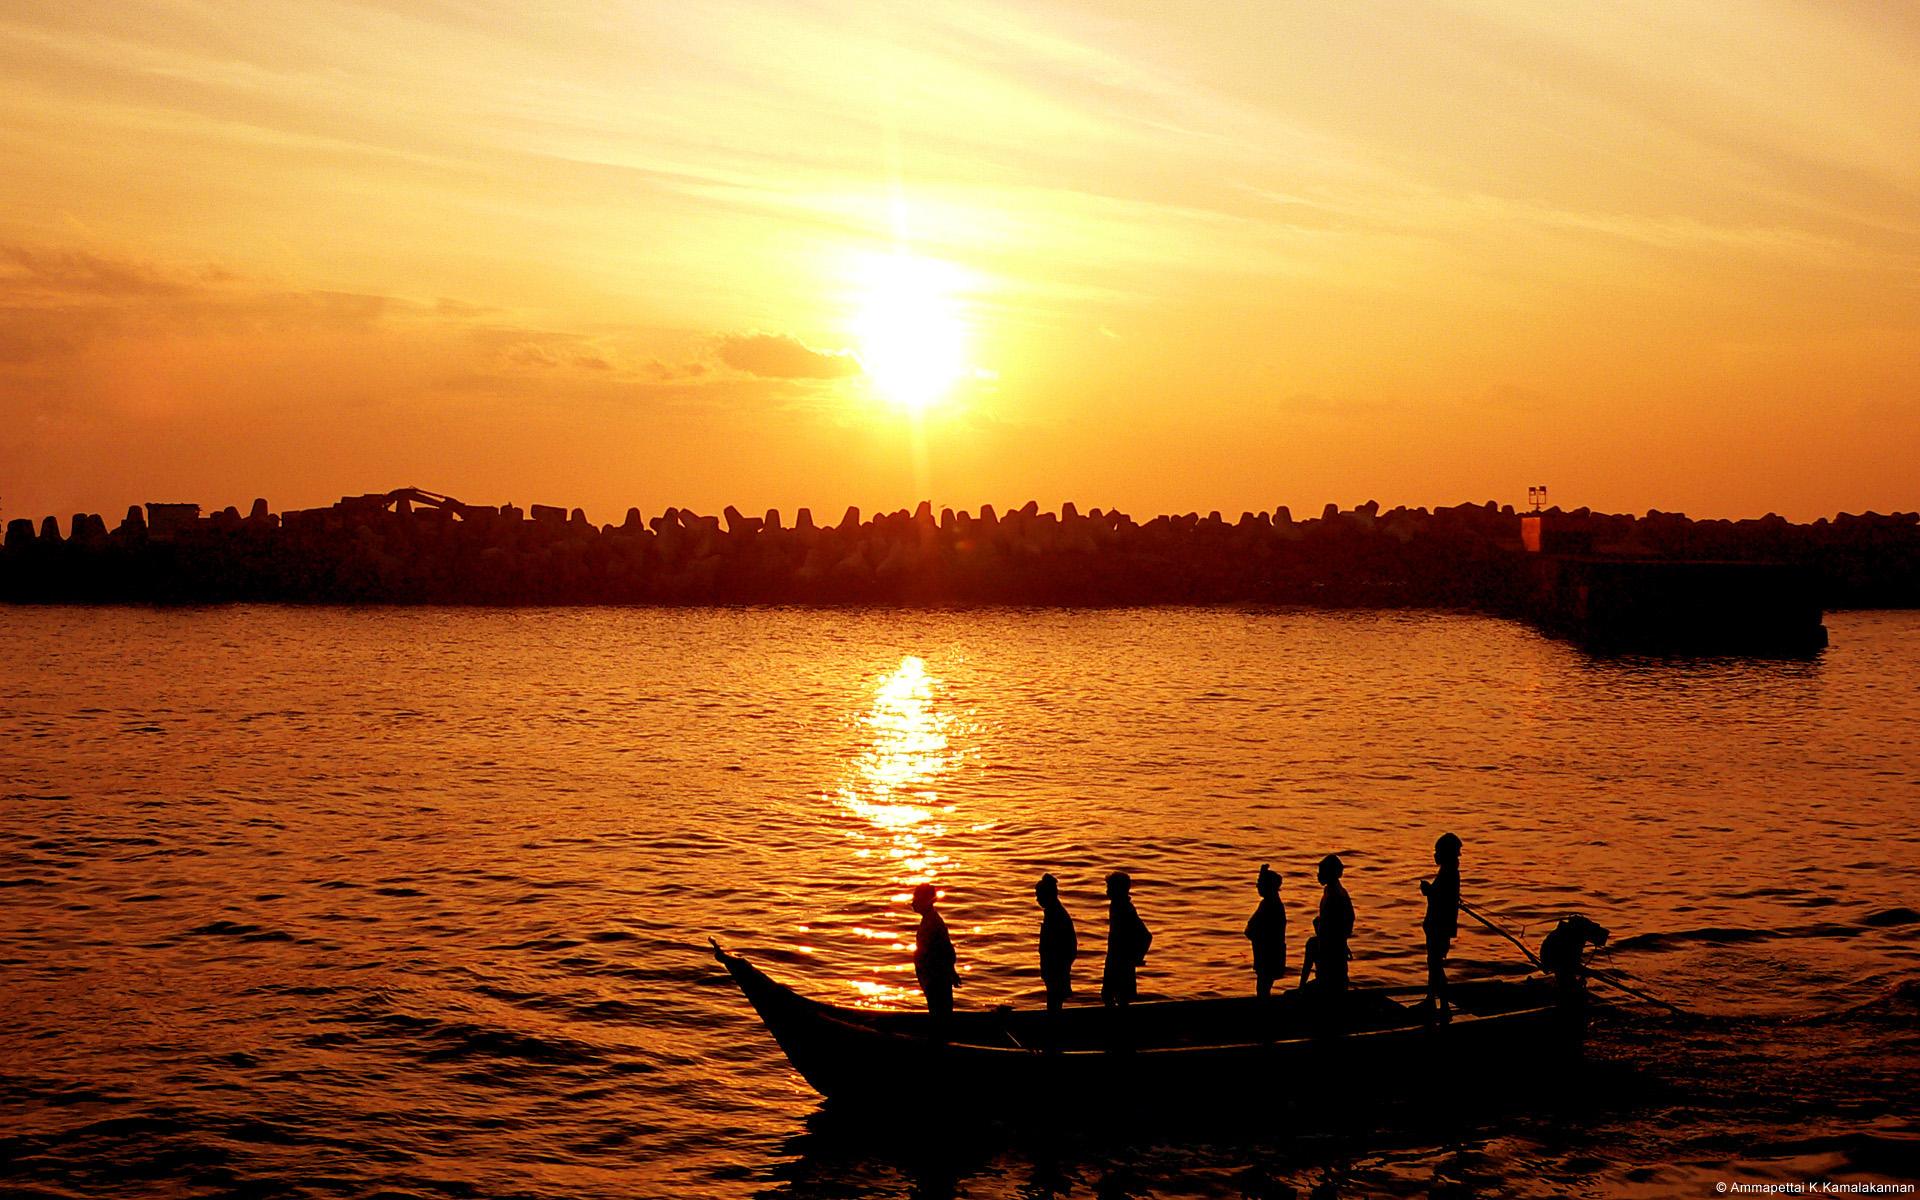 Ngư dân lúc hoàng hôn ở Chennai, Ấn Độ